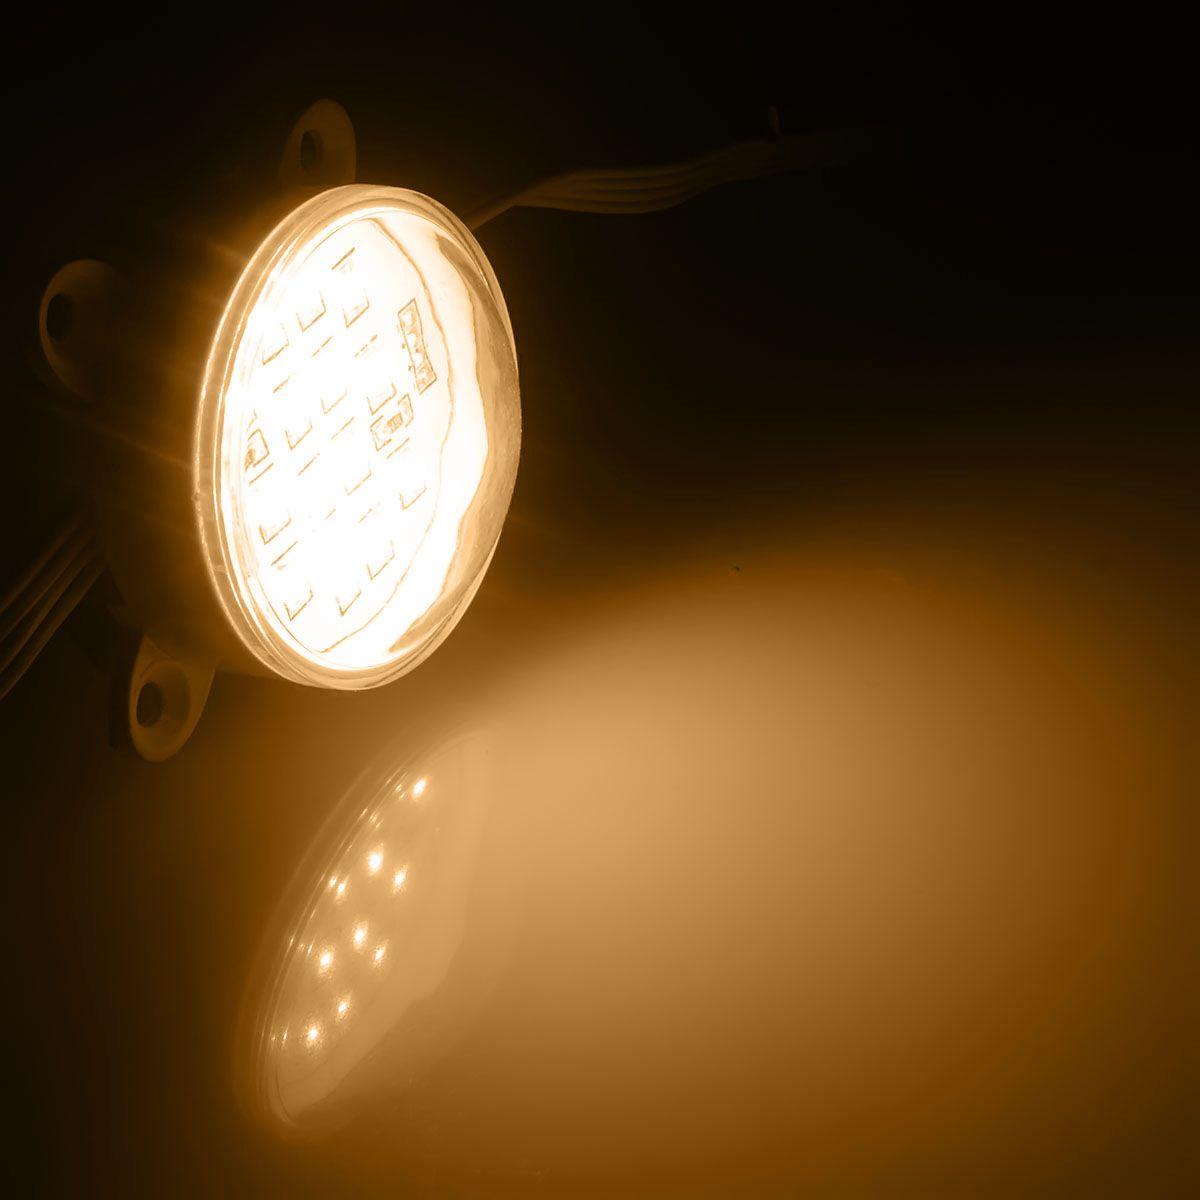 24V wasserfestes LED Modul – warmweiß – rund – transparente Abdeckung – IP65